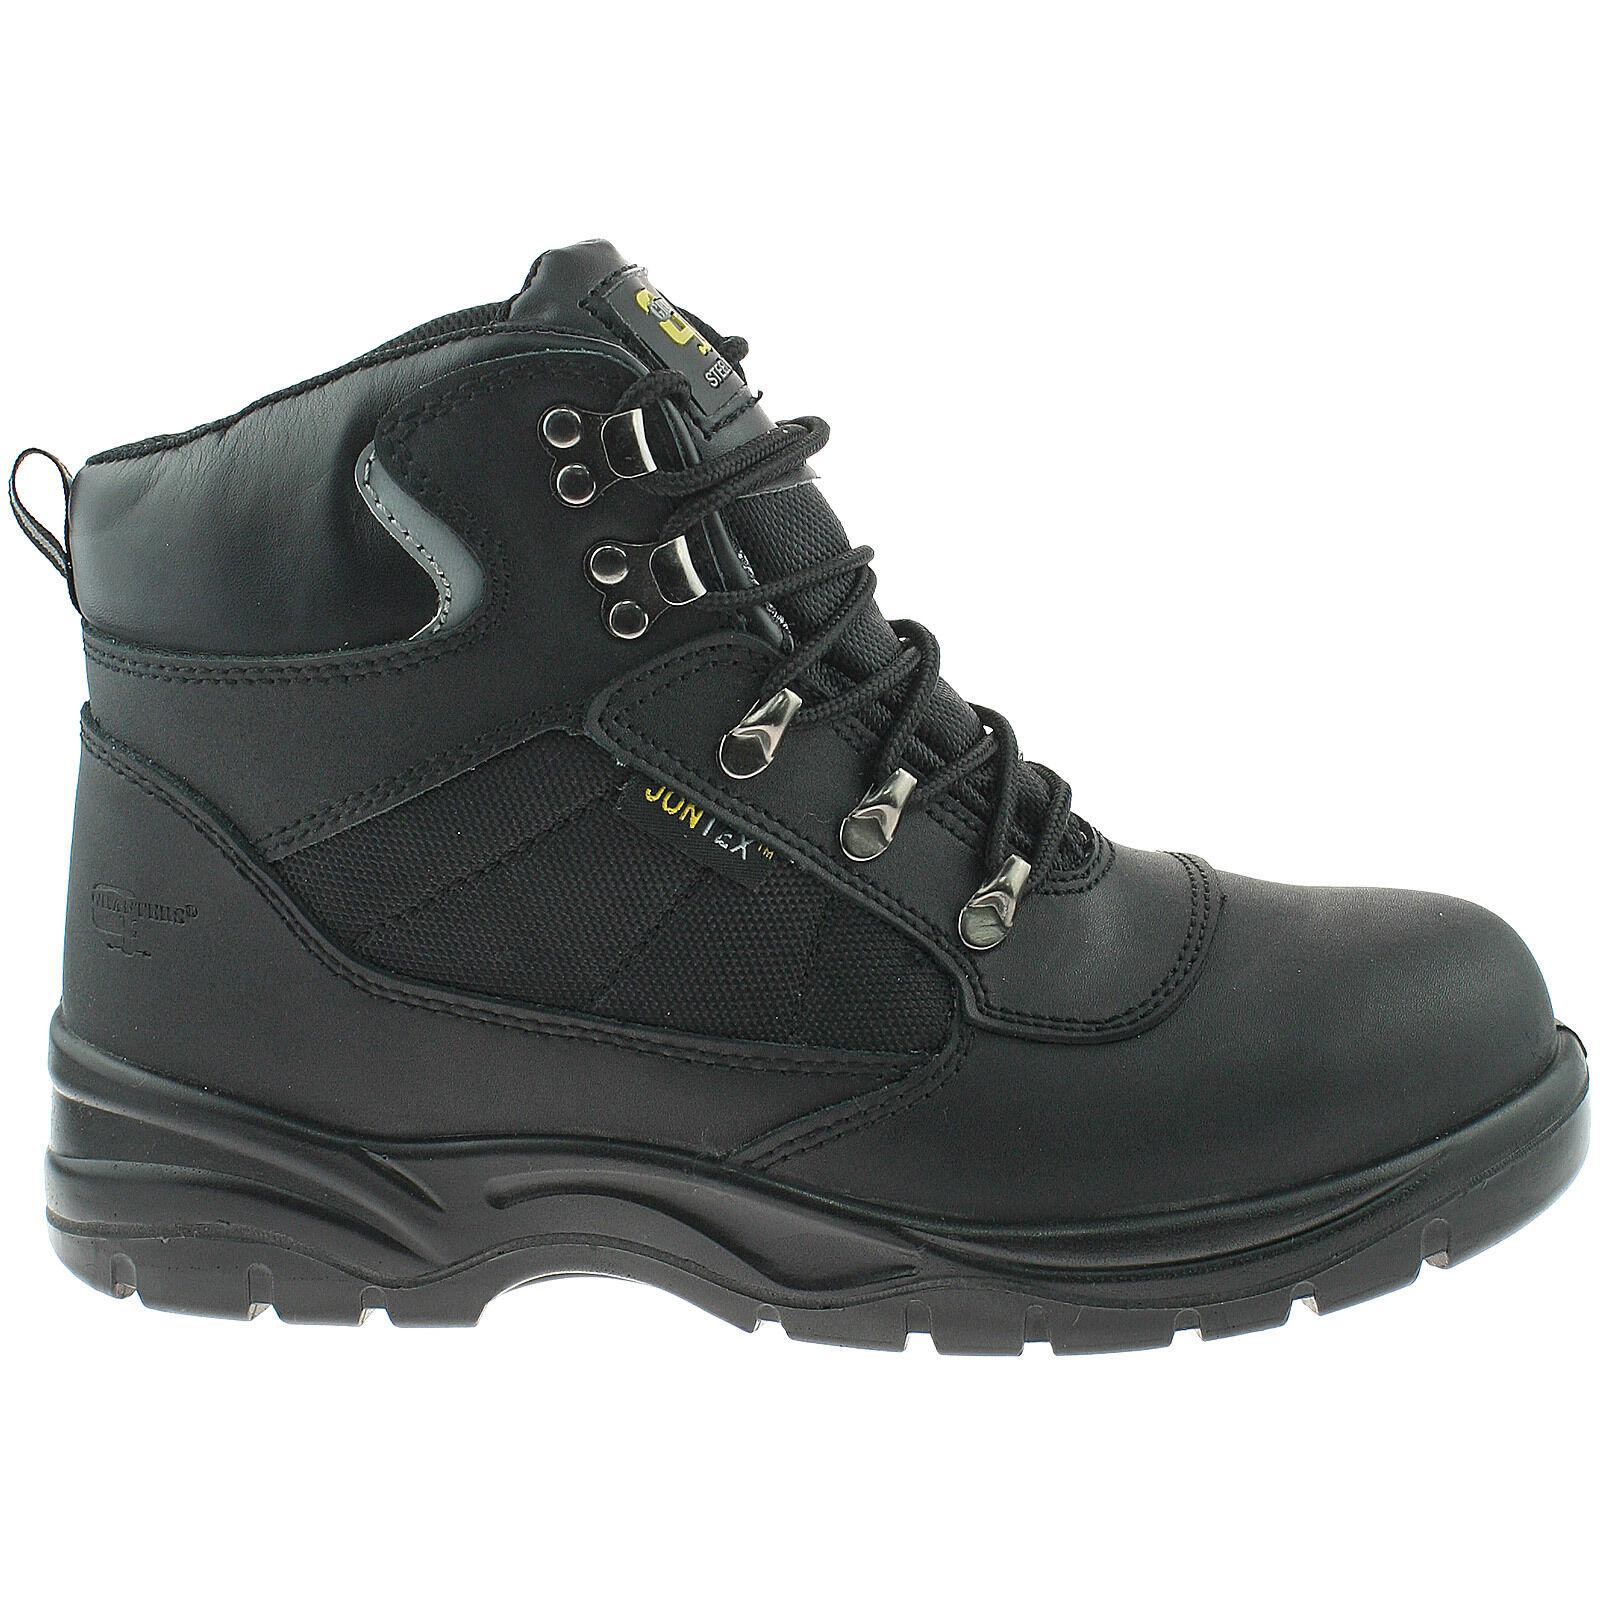 Grafters UK Leder Sicherheit Stiefel Größe UK Grafters 3 - 14 Wasserdicht Stahlkappe Schwarz 2da9fa